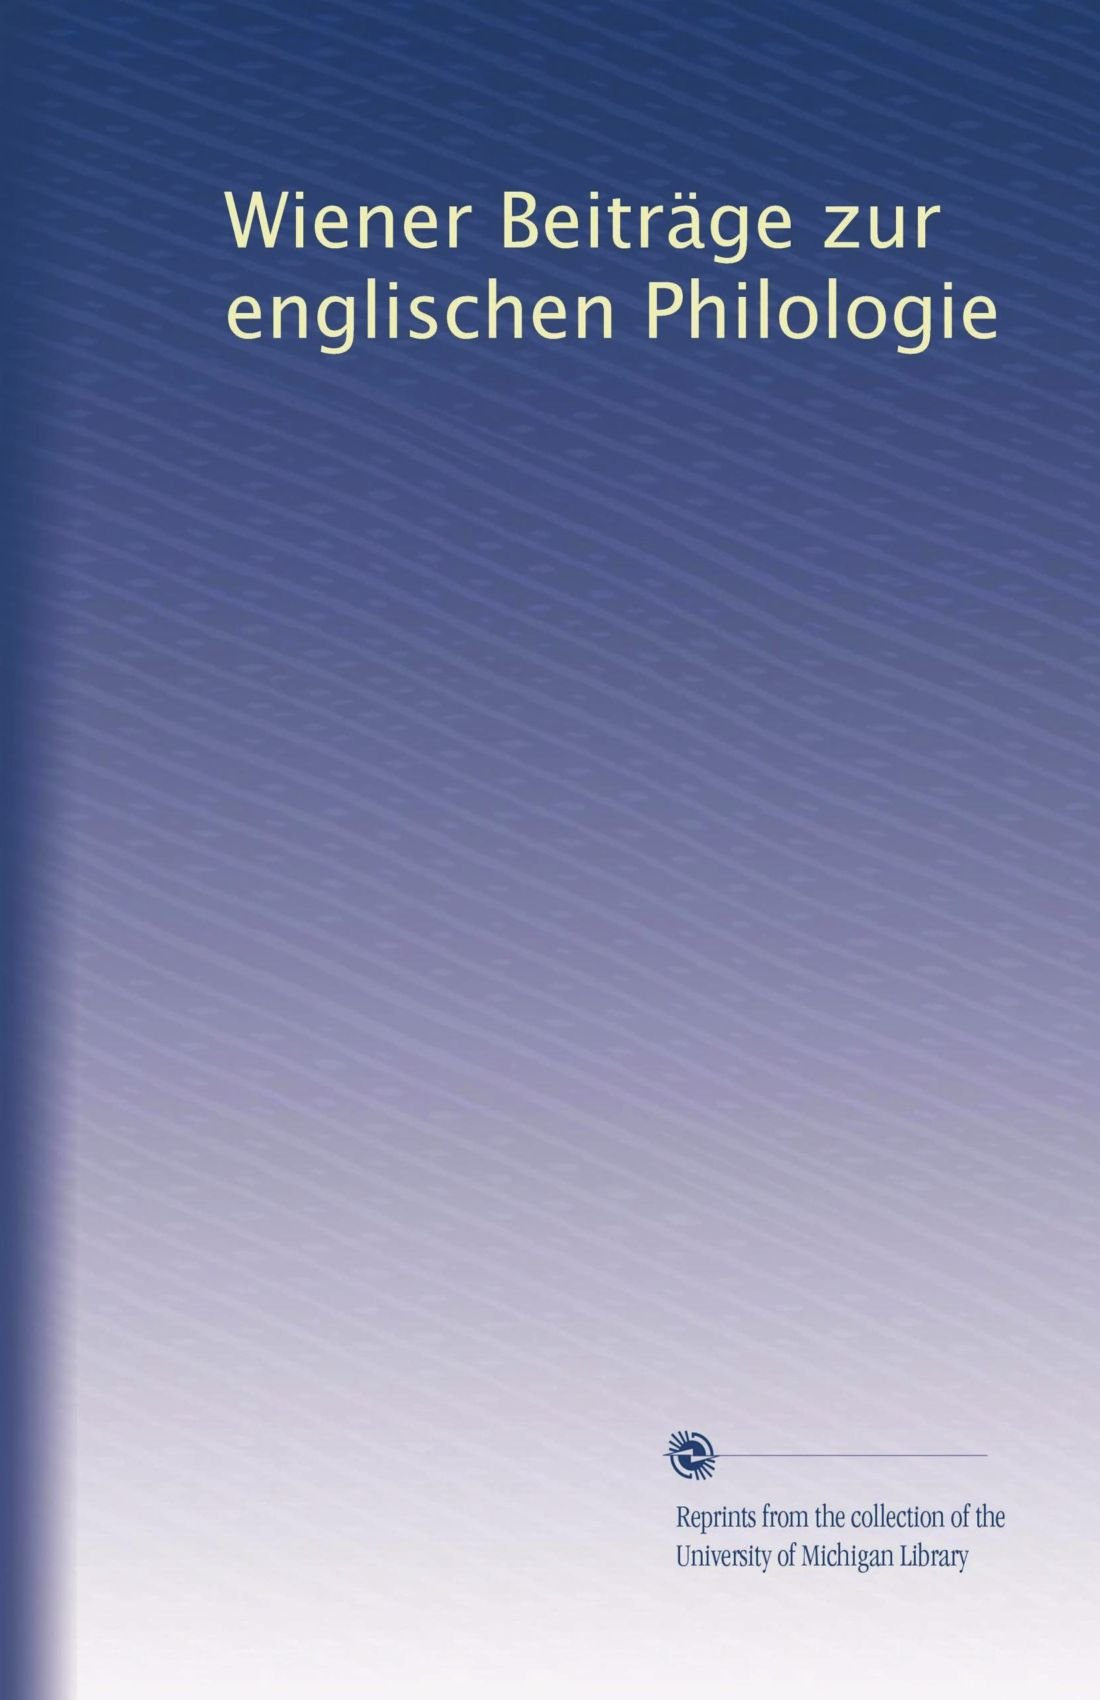 Wiener Beiträge zur englischen Philologie (Volume 6) (German Edition) pdf epub